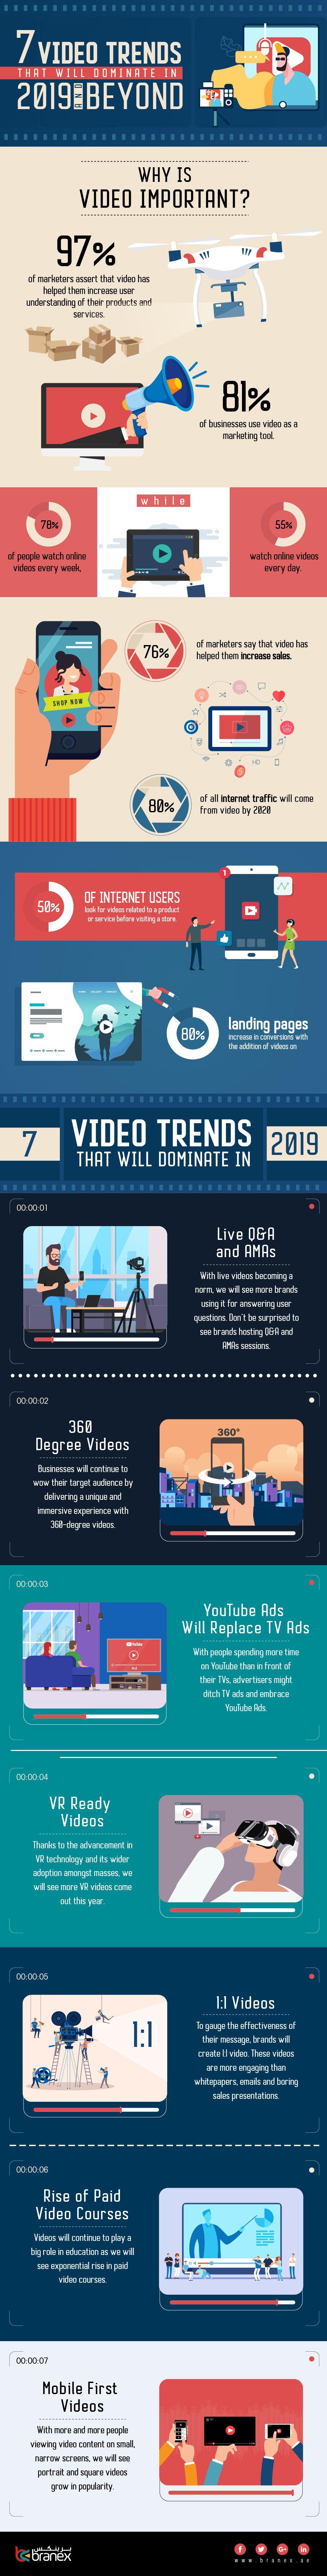 7 tendencias de video que dominarán en el 2019 y más allá [Infografía]